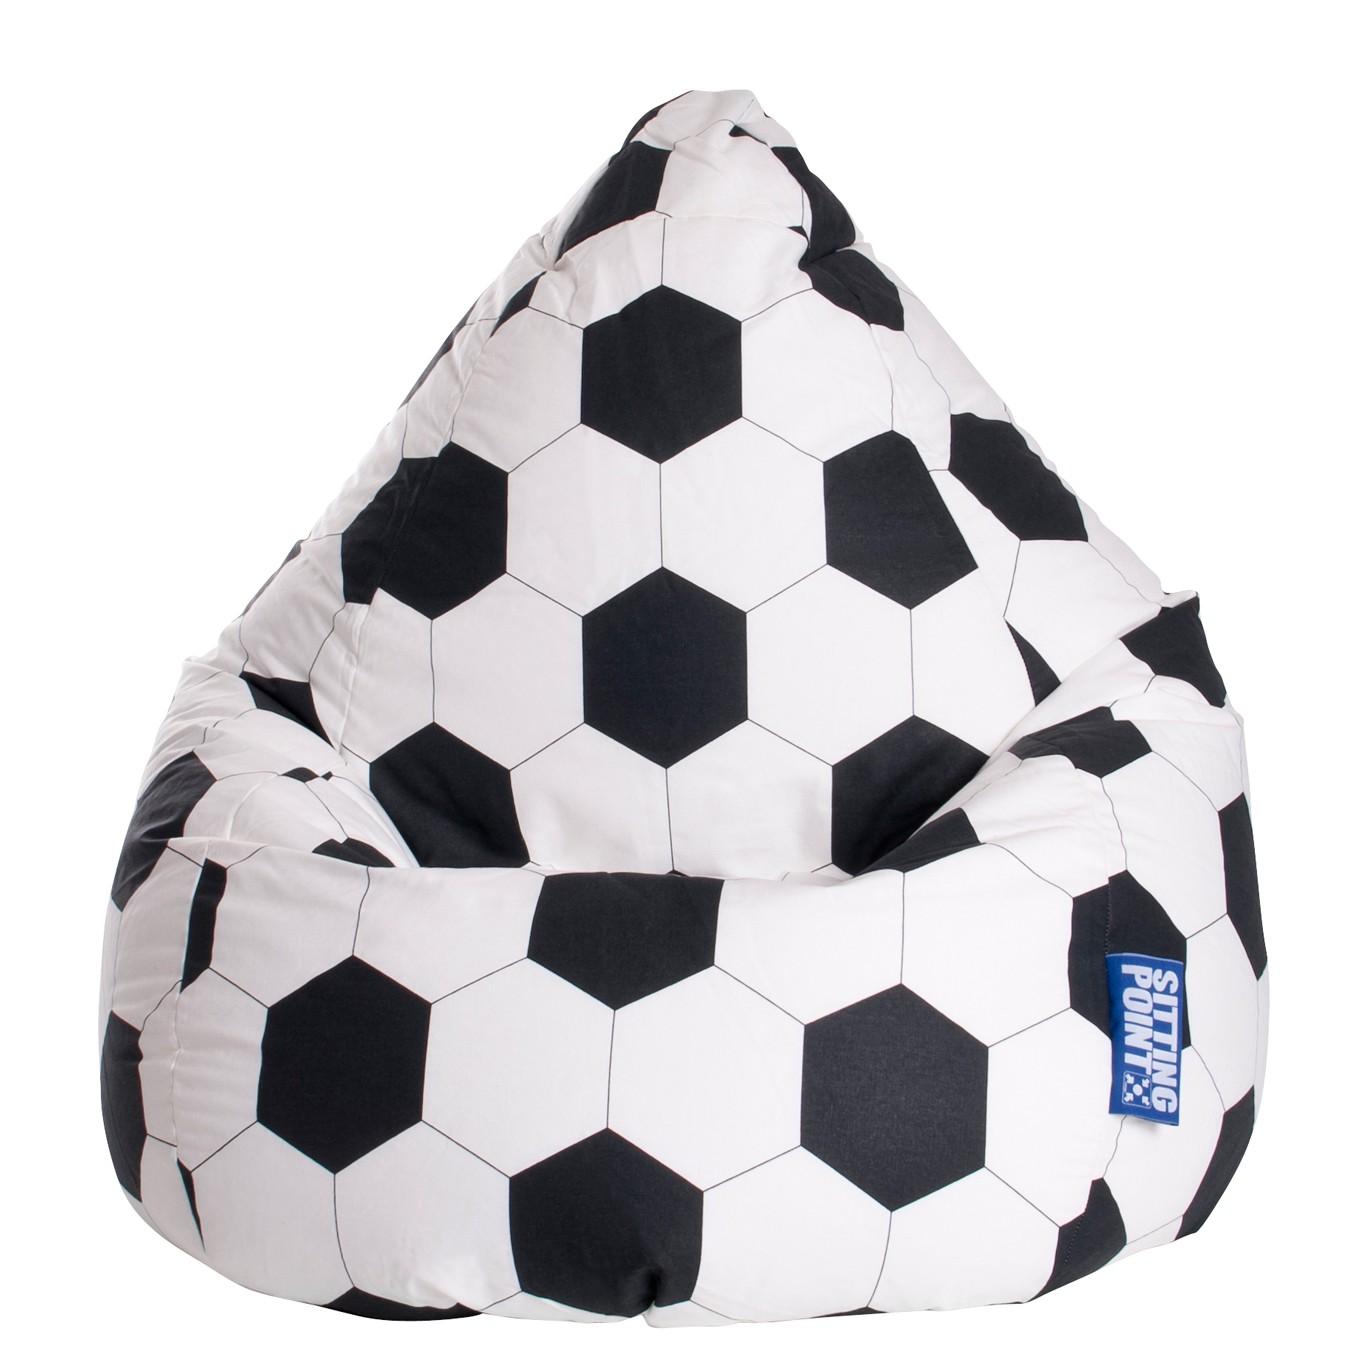 home24 SITTING POINT Sitzsack Bean Bag Fussball WeißSchwarz Baumwollstoff 70x90x70 cm (BxHxT)